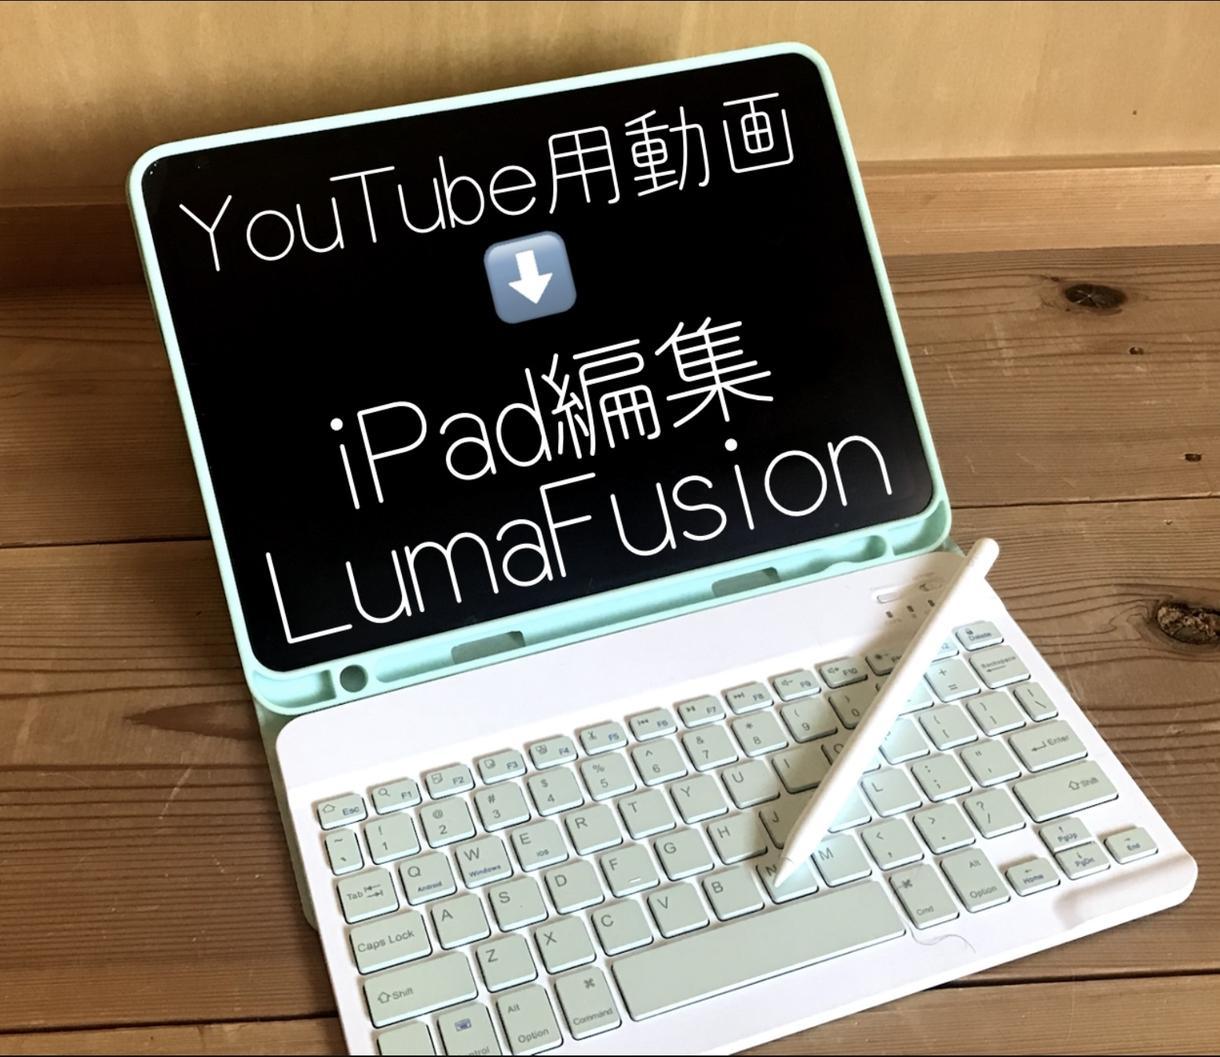 YouTube用の動画編集を致します Vlog動画が得意です。思い出や旅行などの動画も承ります。 イメージ1